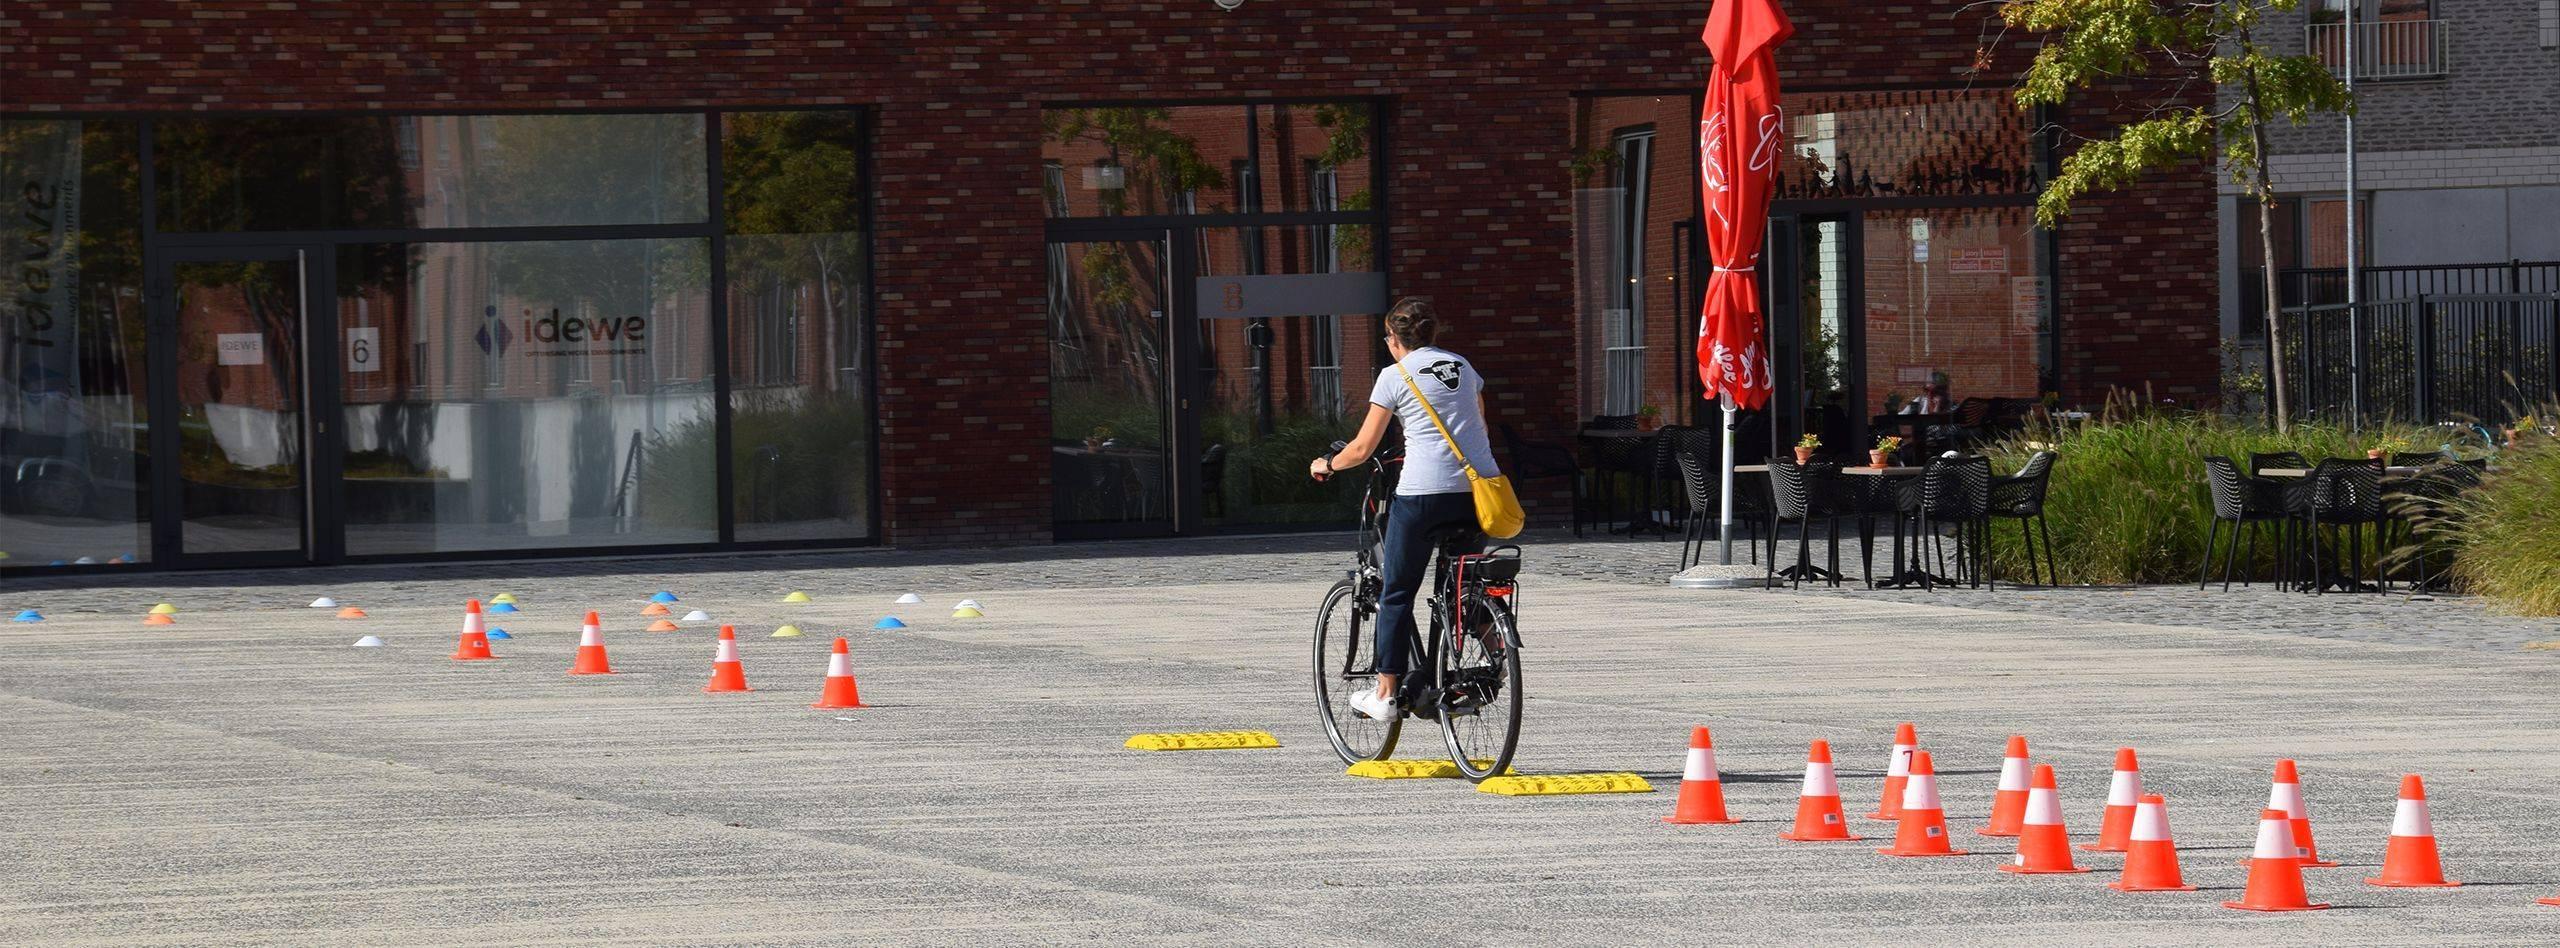 Veiligheid Speedbike - Cyclis Team - Bikeleasing